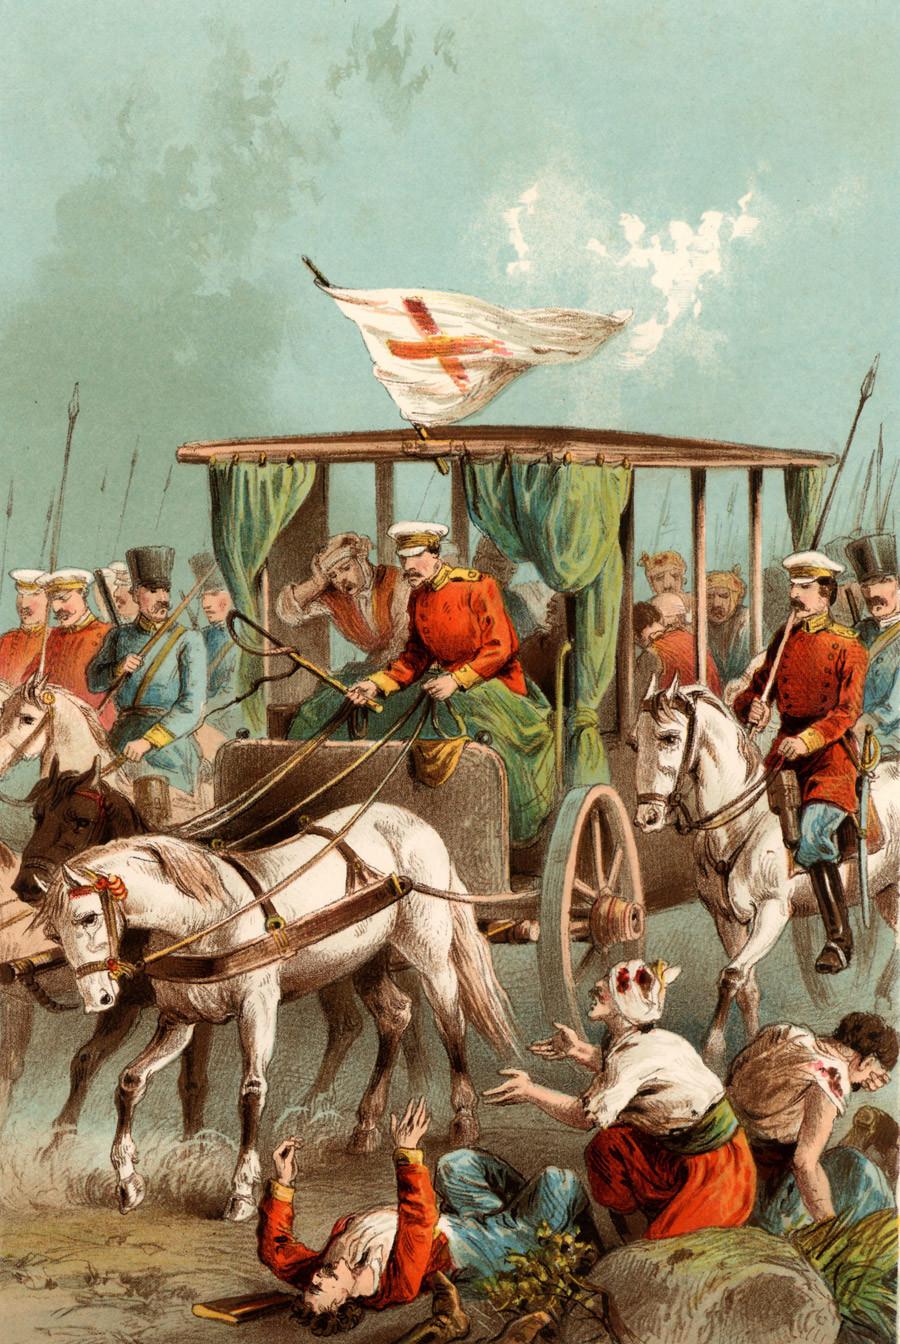 Un'ambulanza militare corre in soccorso dei feriti durante la guerra russo-turca, 1877